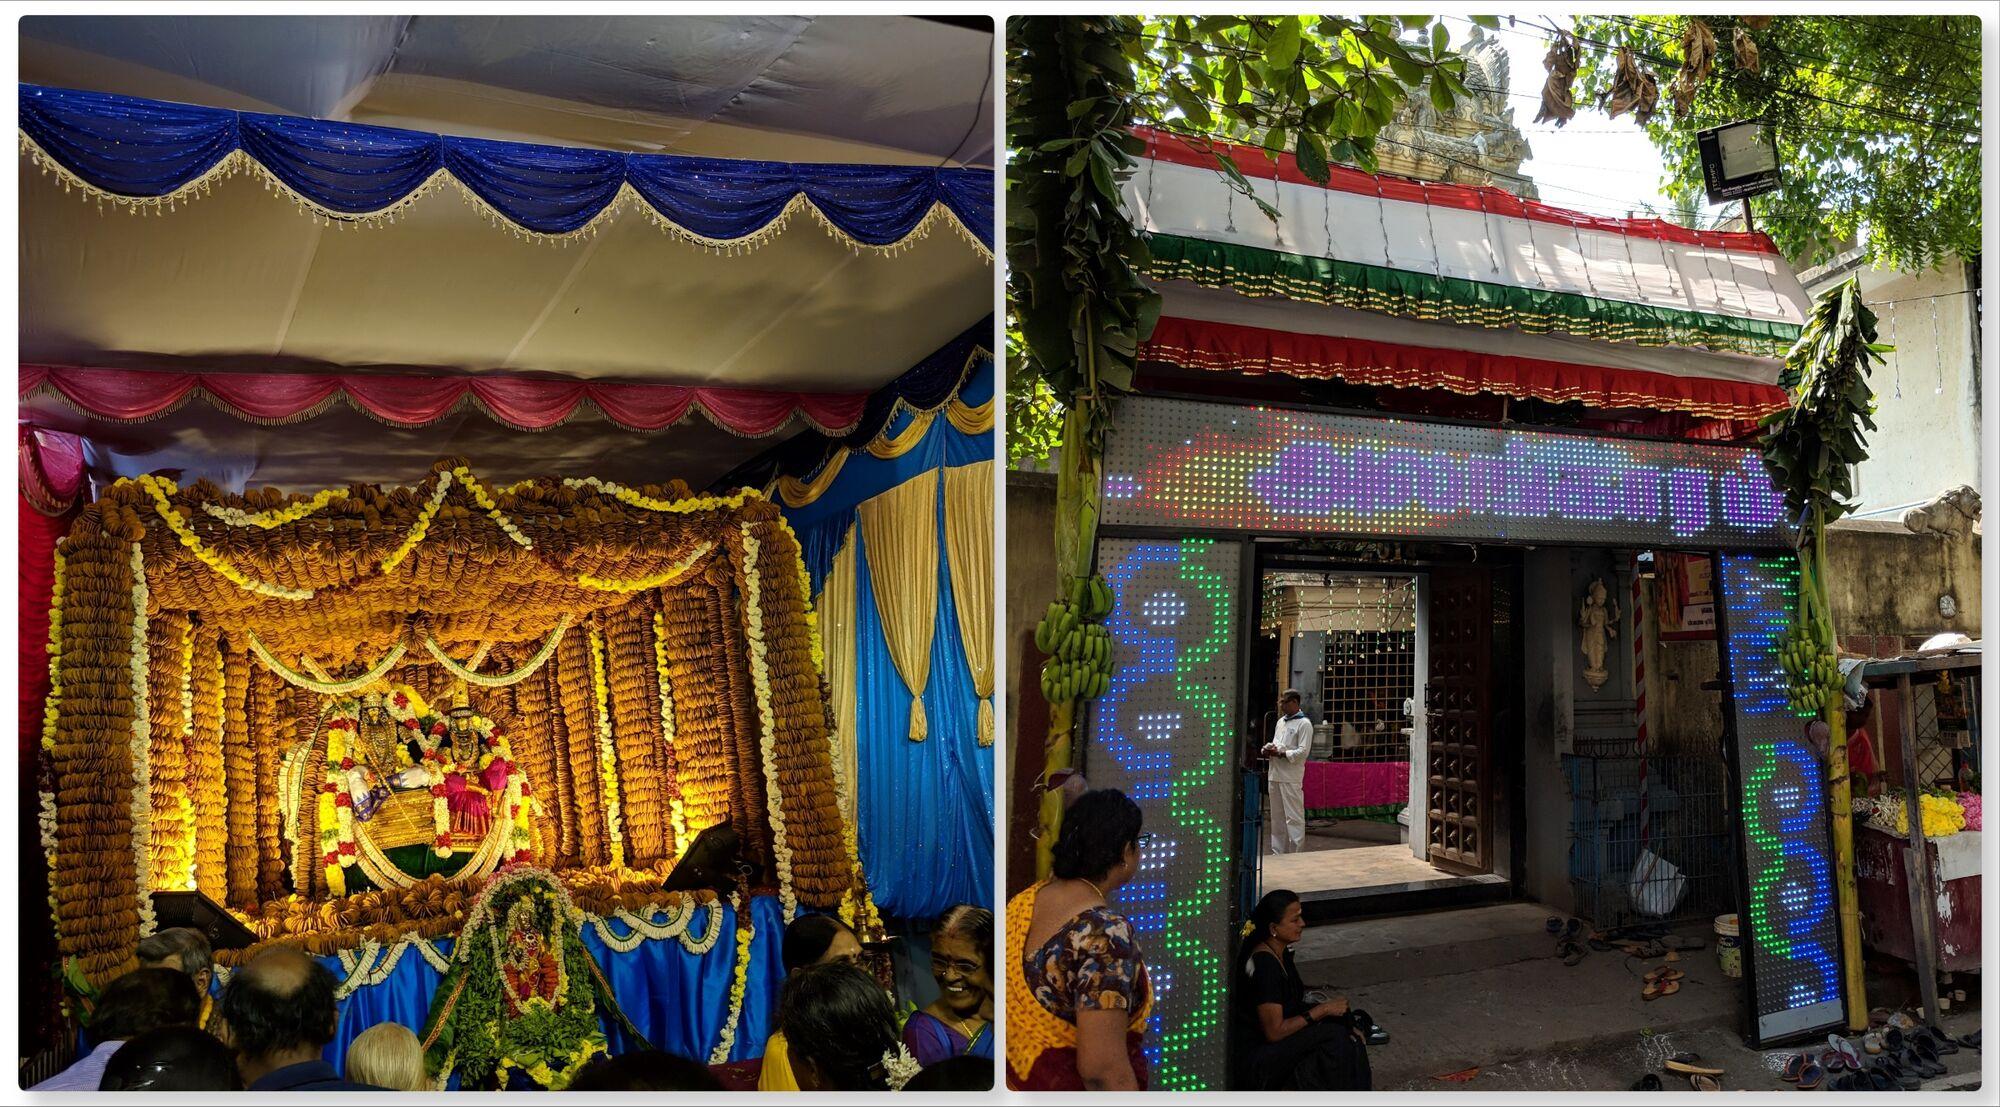 Sri Tiripurasundari Temple in Ashok Nagar, Chennai.